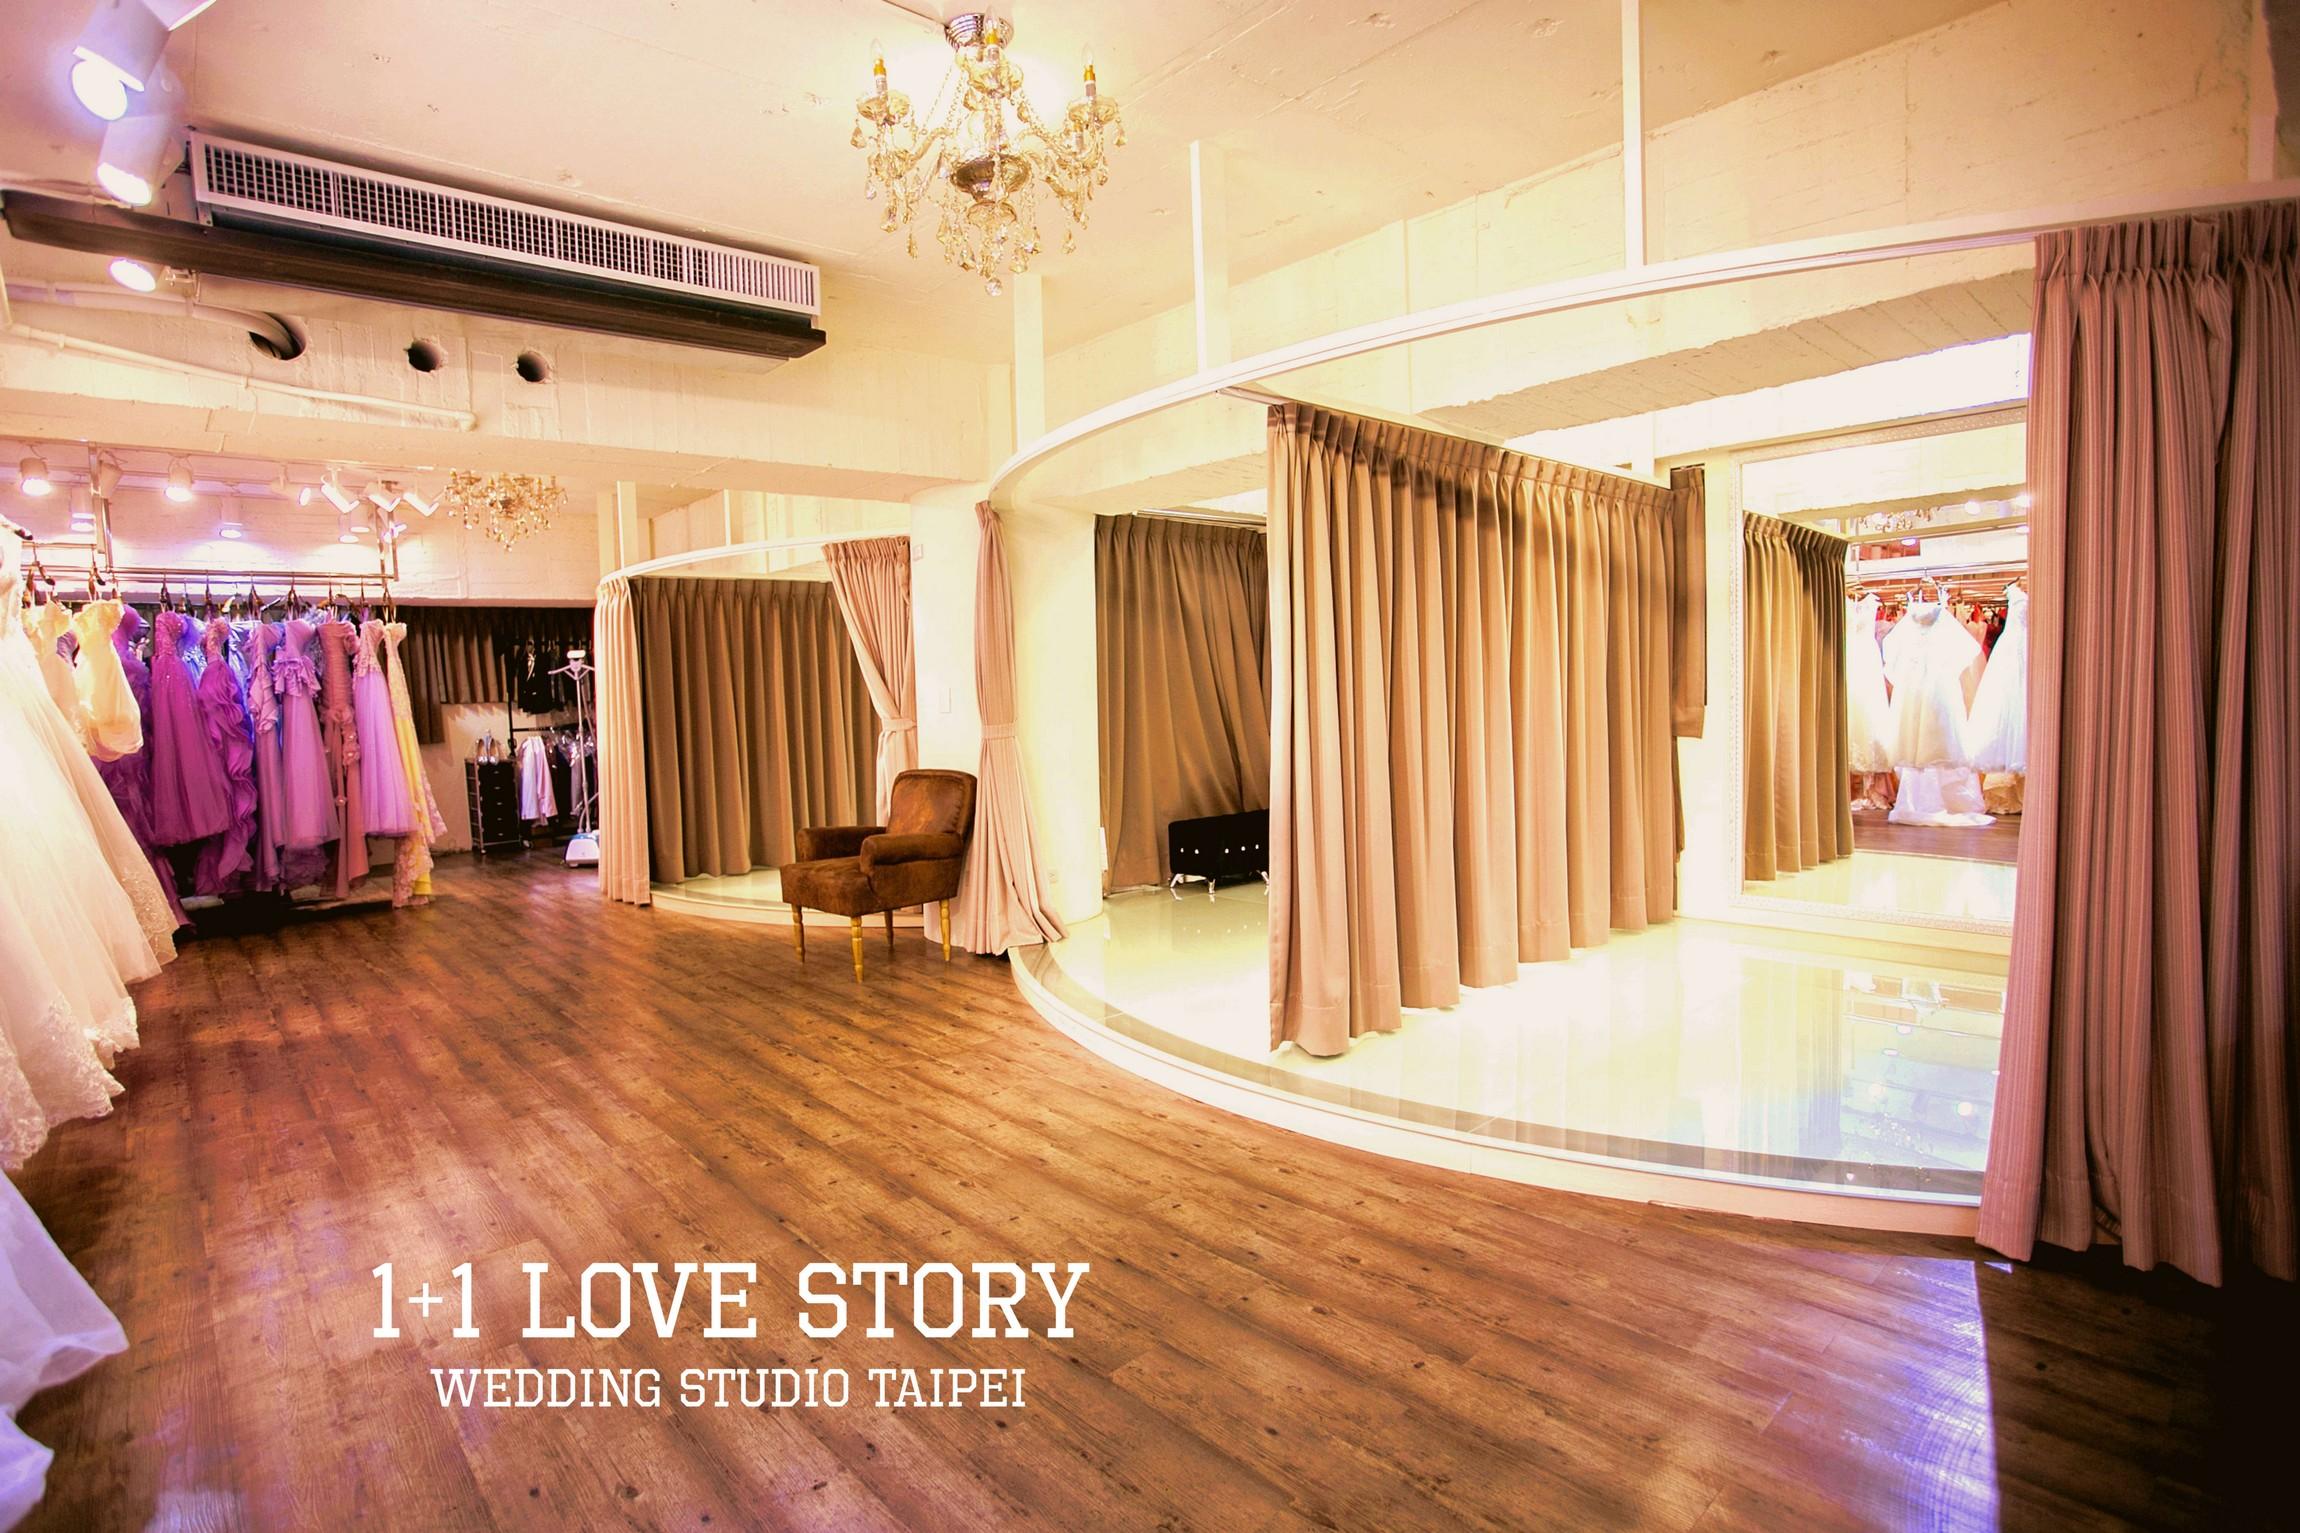 婚紗工作室,台北婚紗工作室,新竹婚紗工作室,手工婚紗出租,手工禮服出租